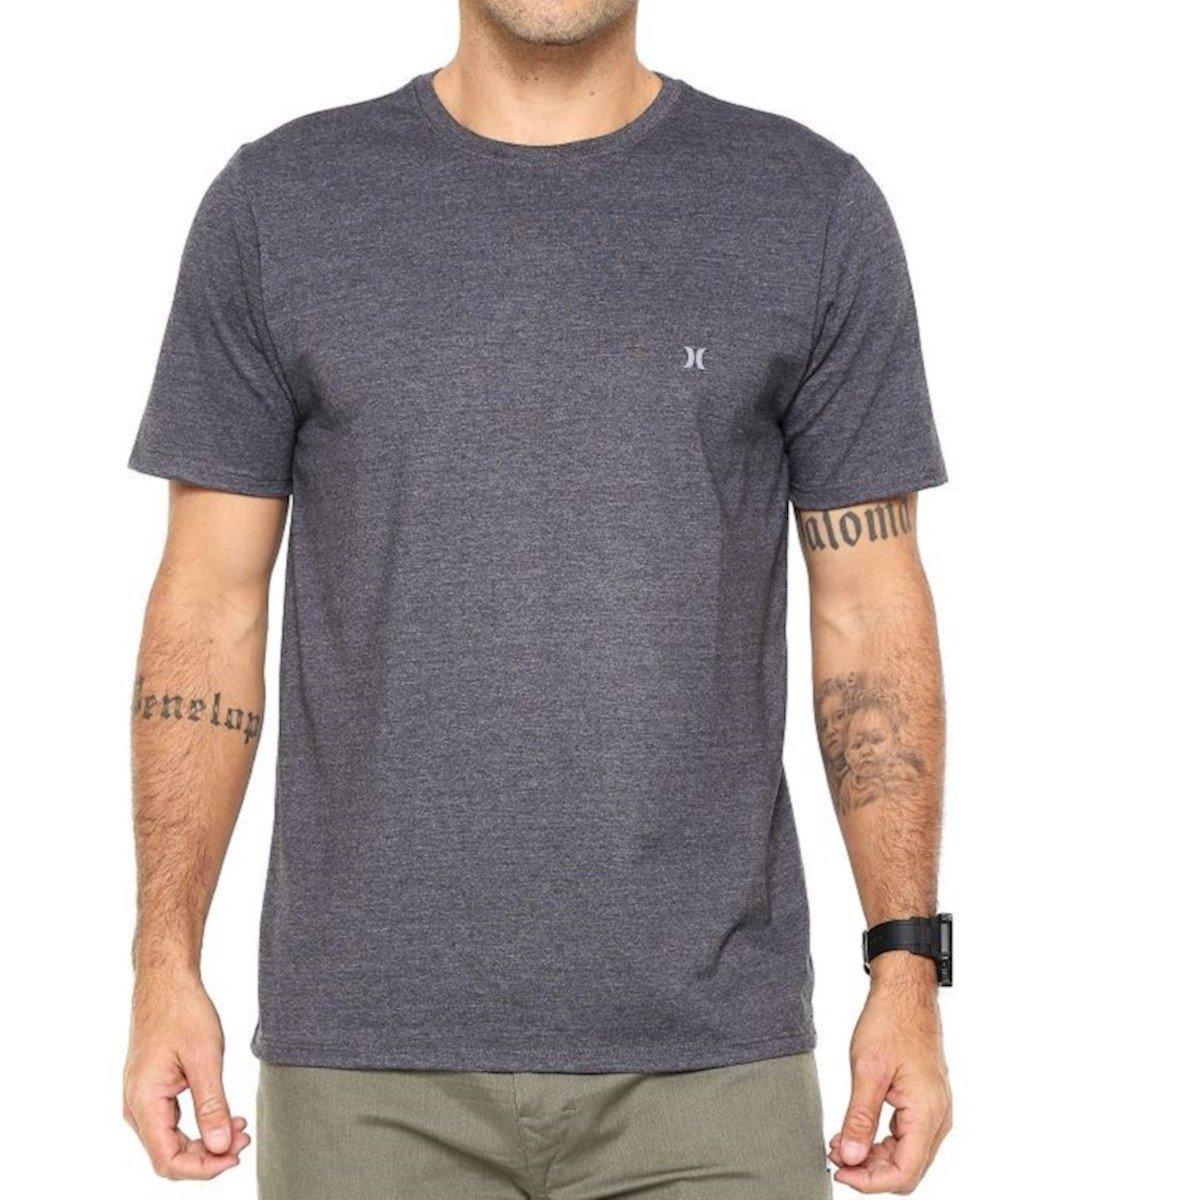 0debb102a33ec Camiseta Hurley Silk Icon Masculina - Compre Agora